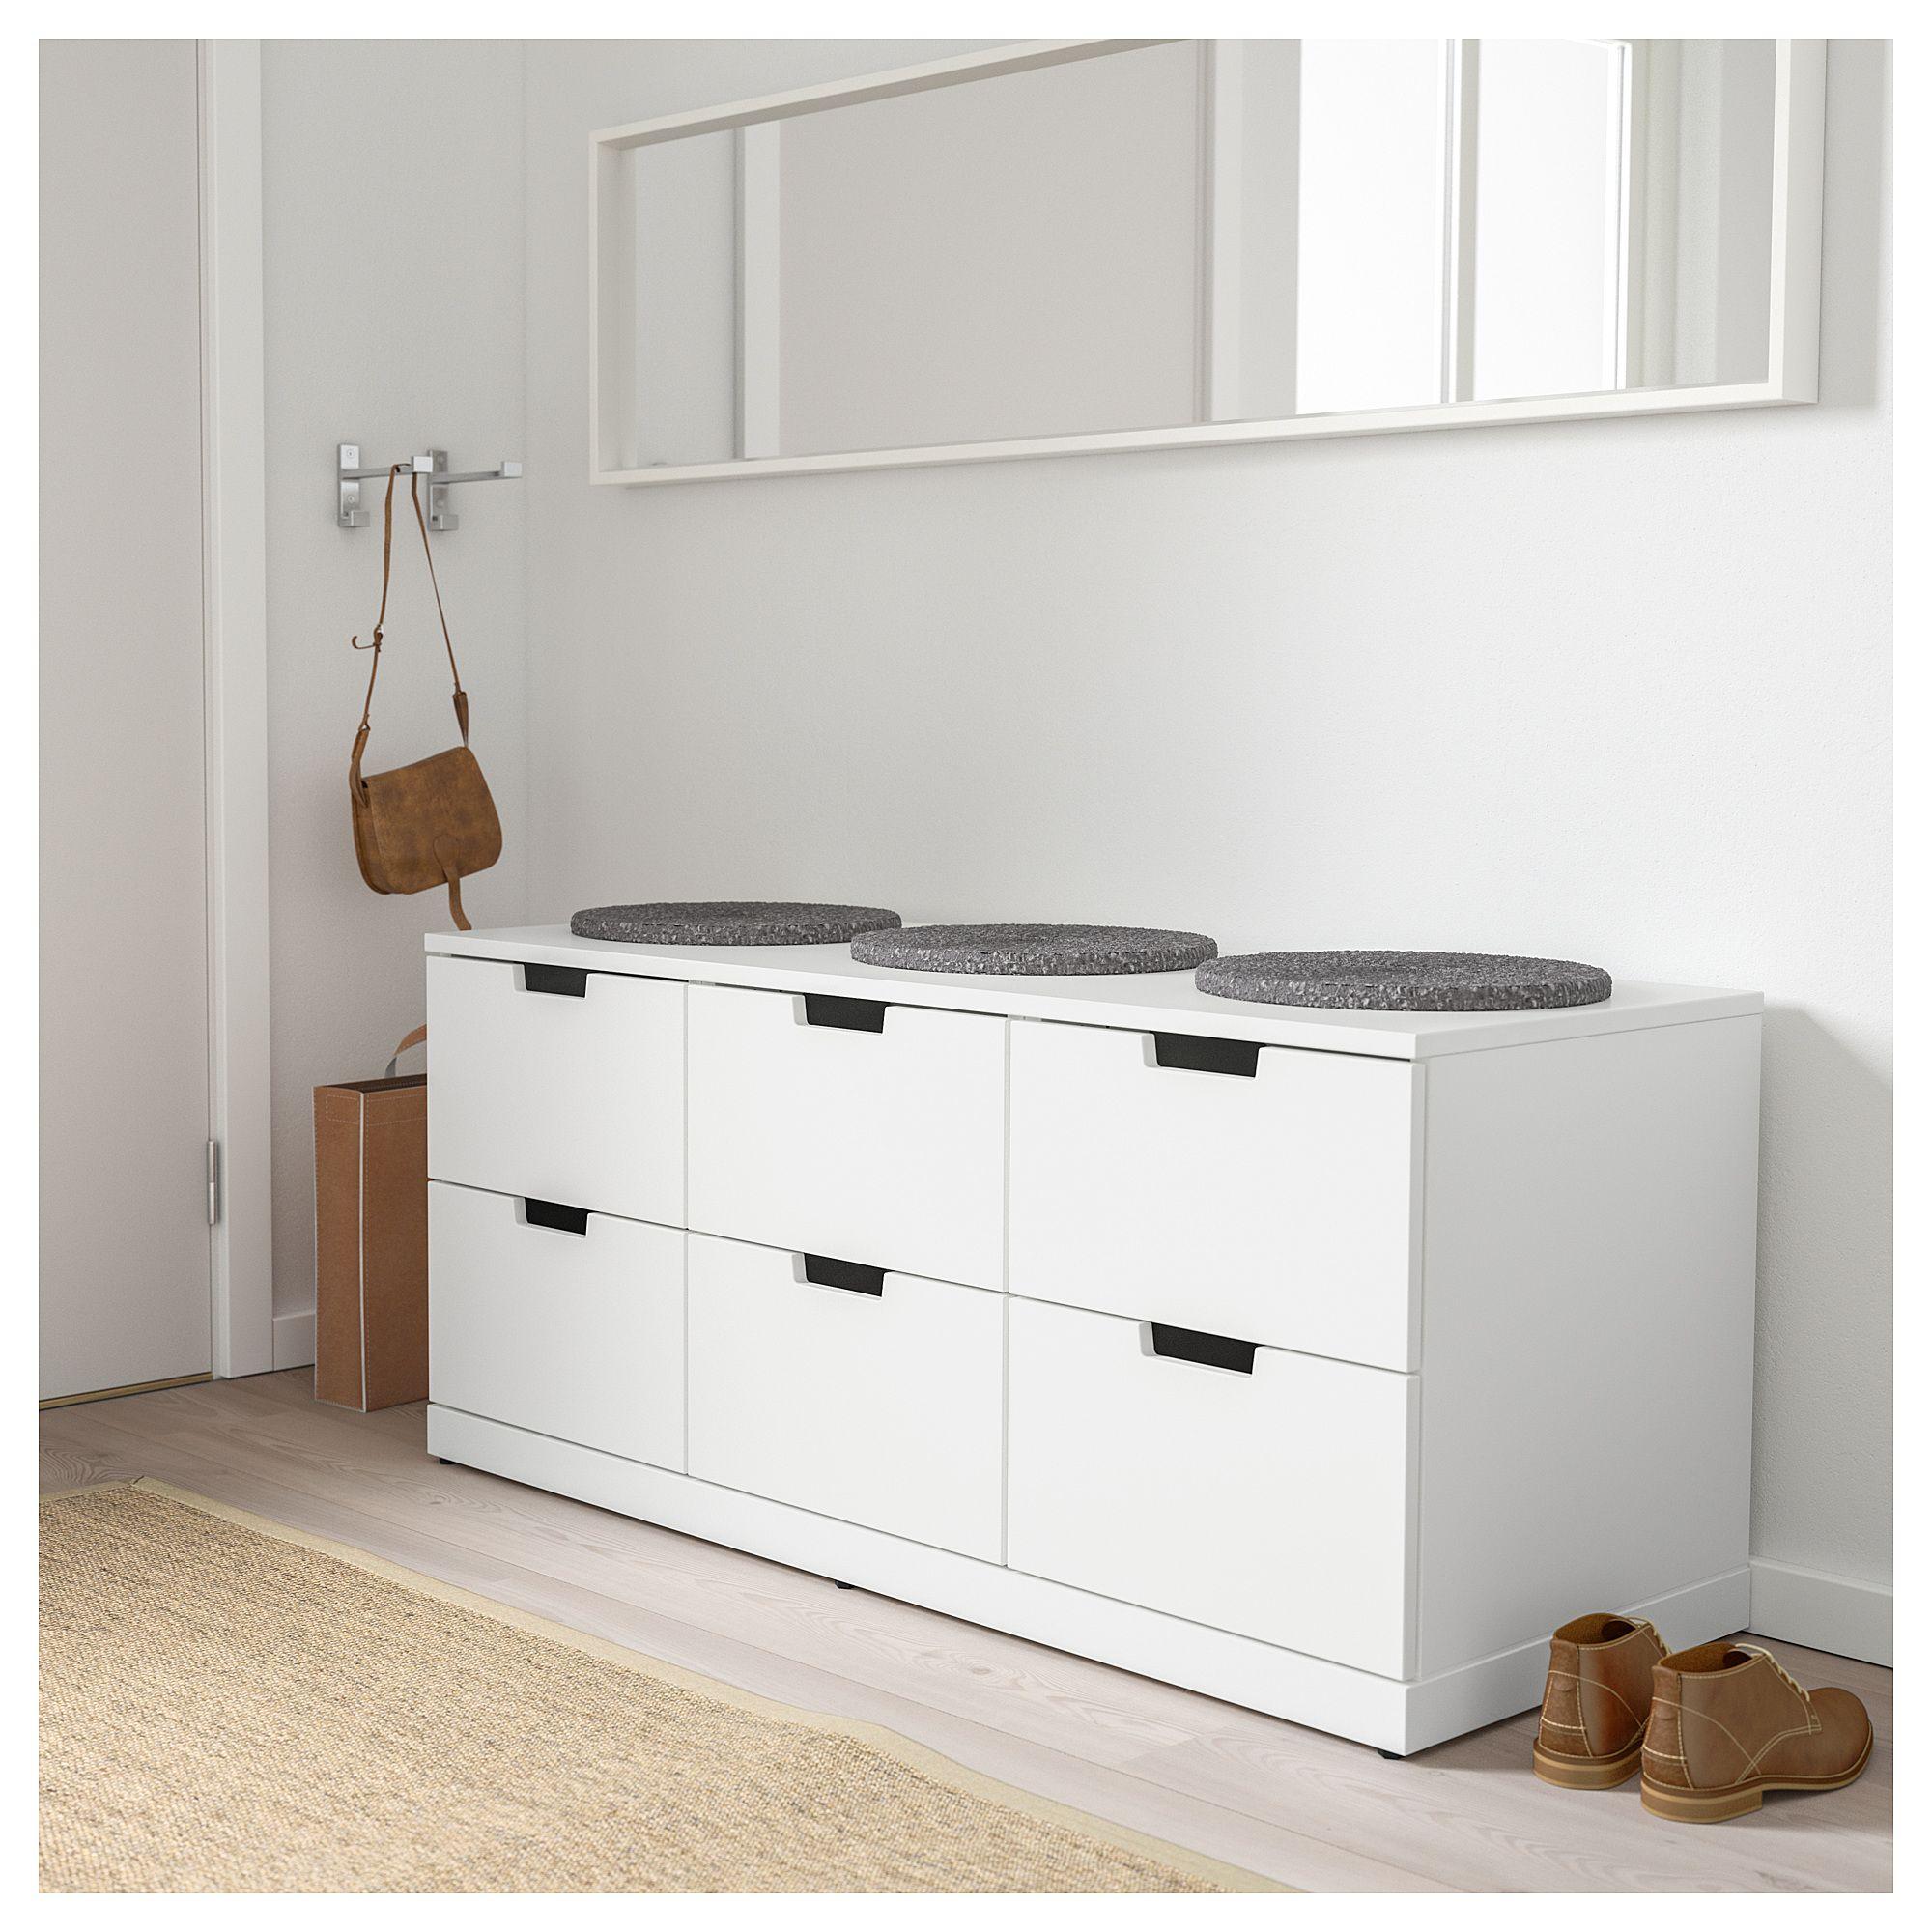 Best Nordli 6 Drawer Dresser White 47 1 4X21 1 4 120X54 Cm 400 x 300